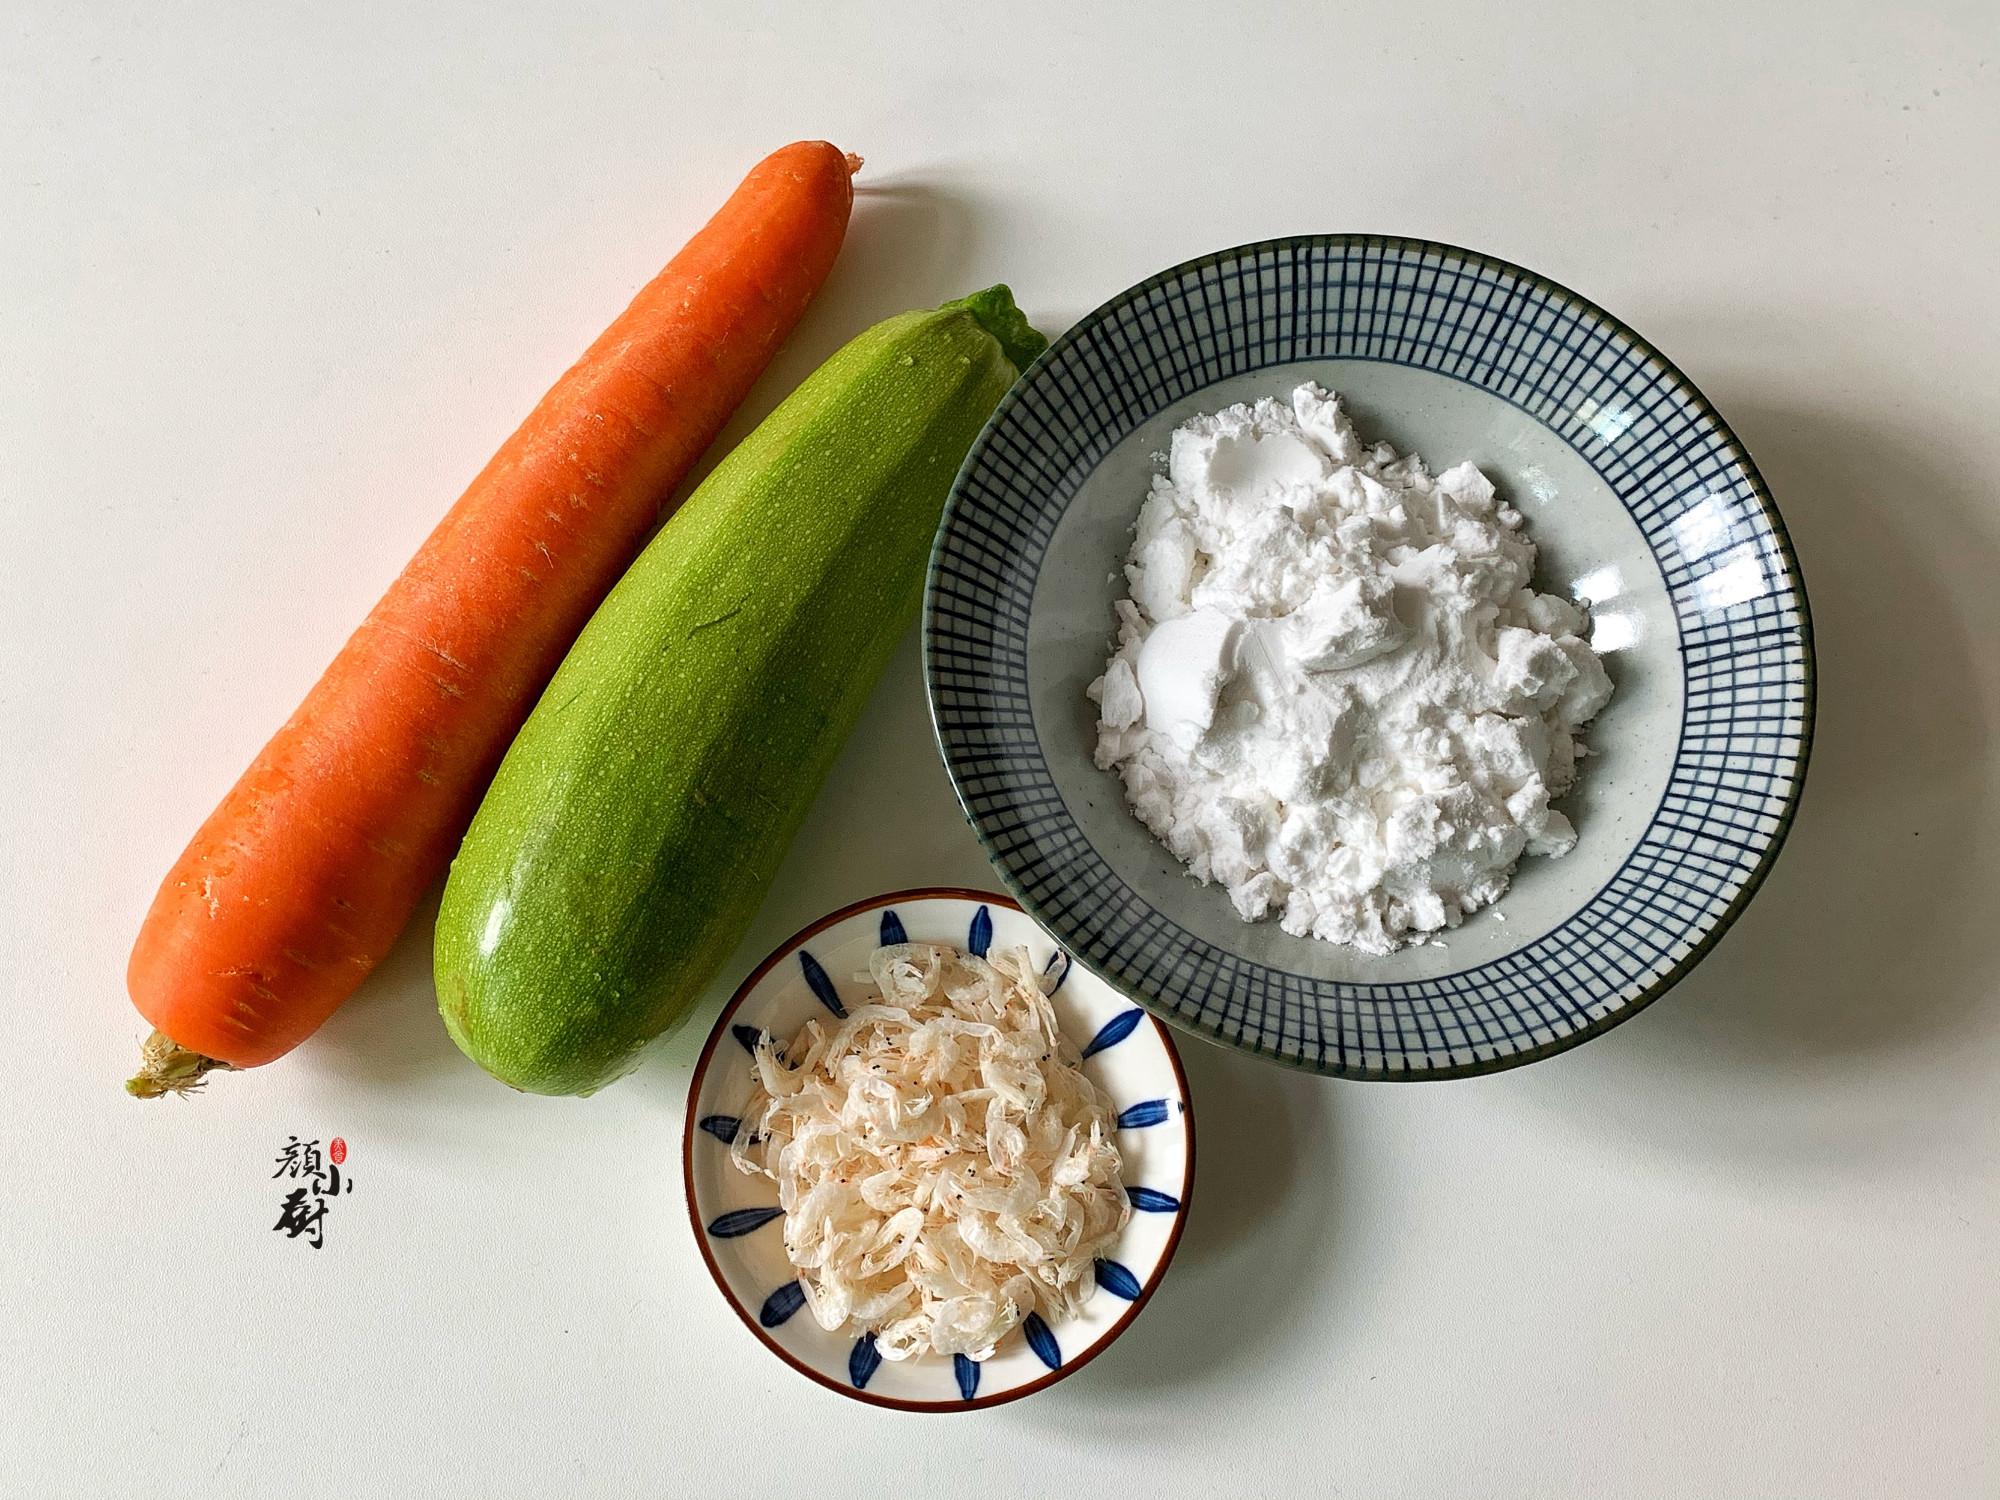 這食材最近吃得多,3元做一盤,搓成小丸子蒸一鍋,蘸料吃真香